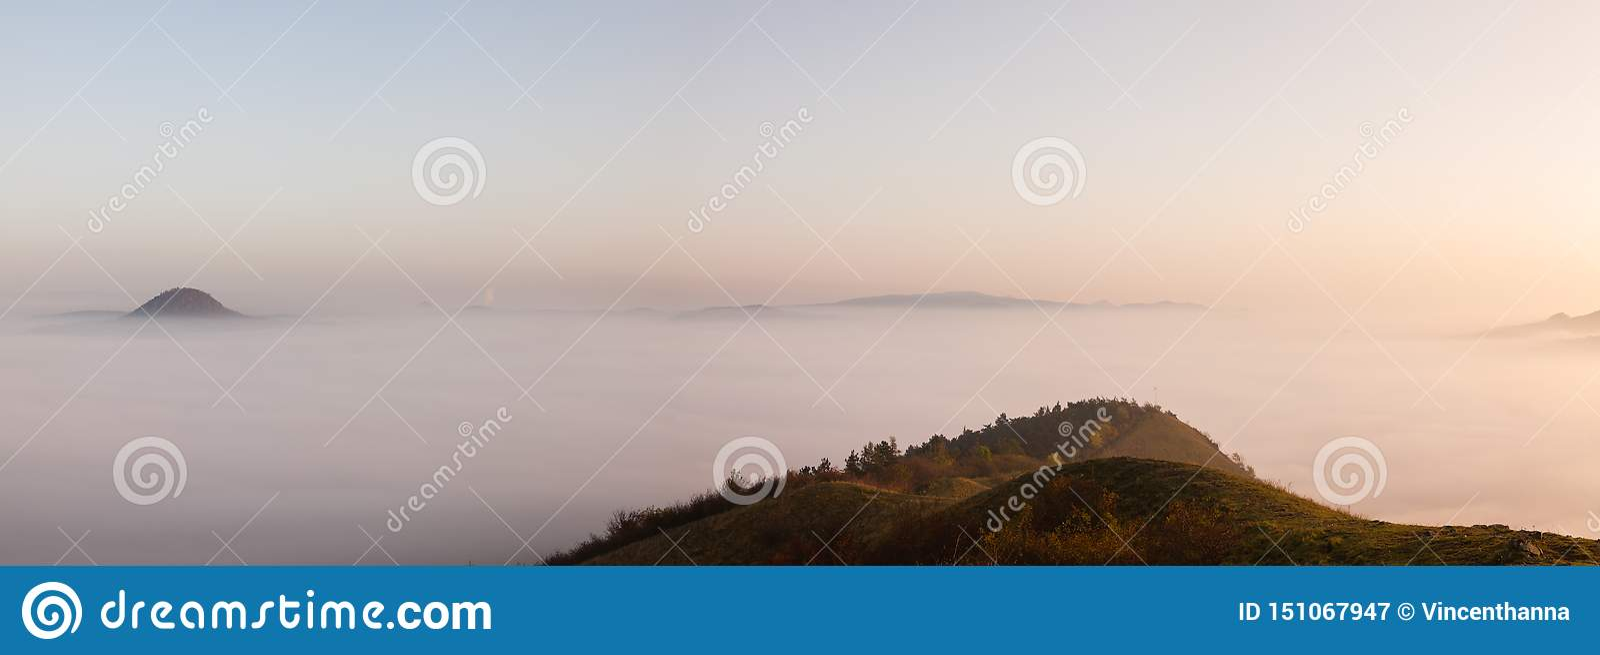 Туманное утро в центральных богемских гористых местностях, чехия